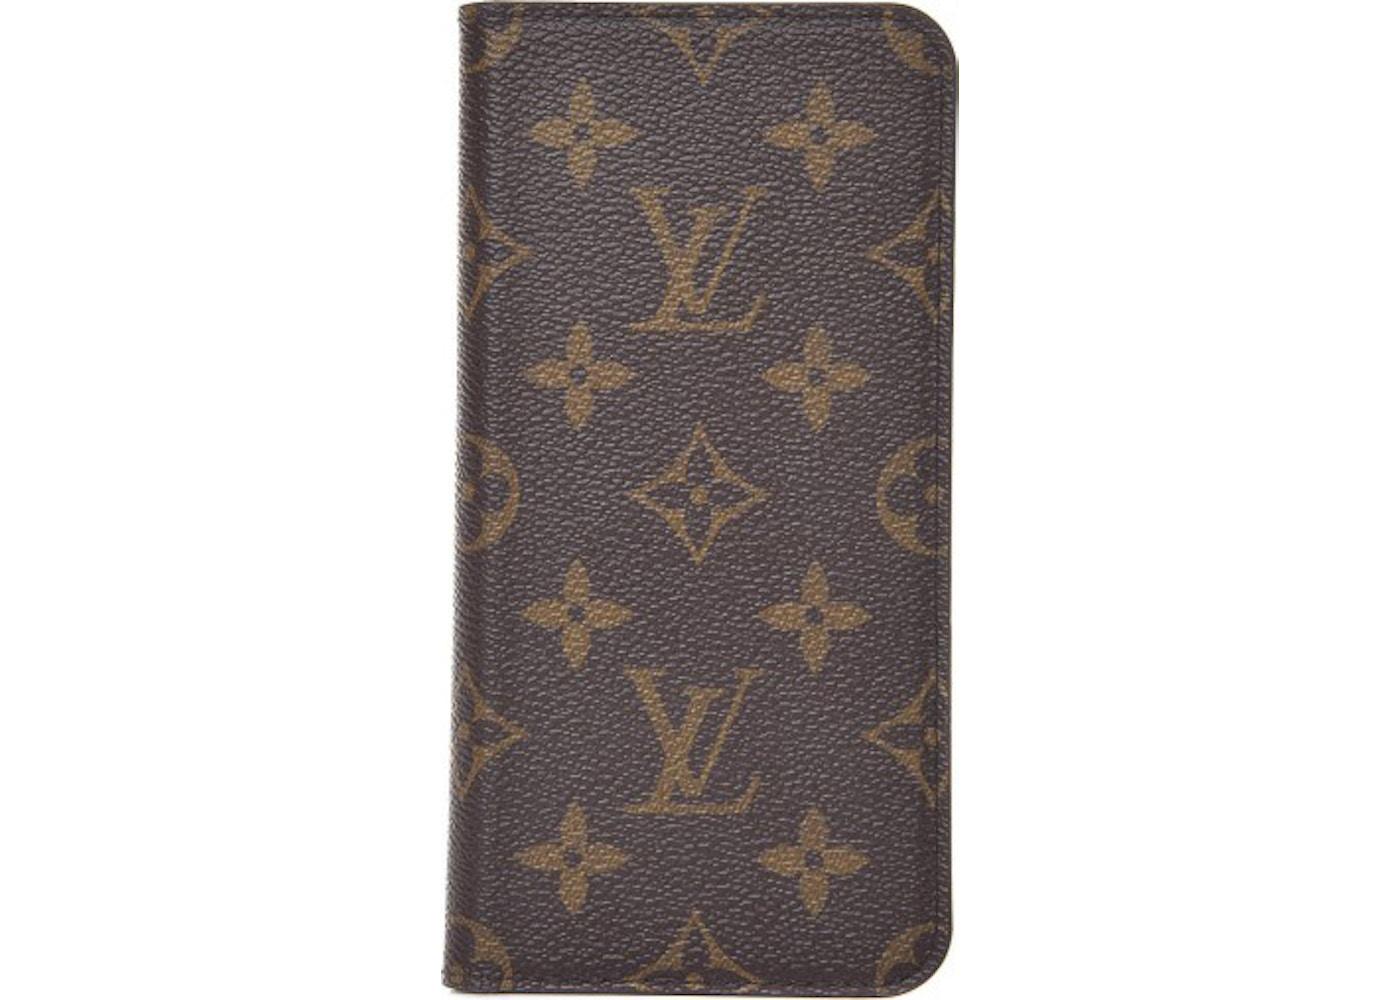 de2ee69f09 Louis Vuitton Folio Case iPhone 7/8 Plus Monogram Brown